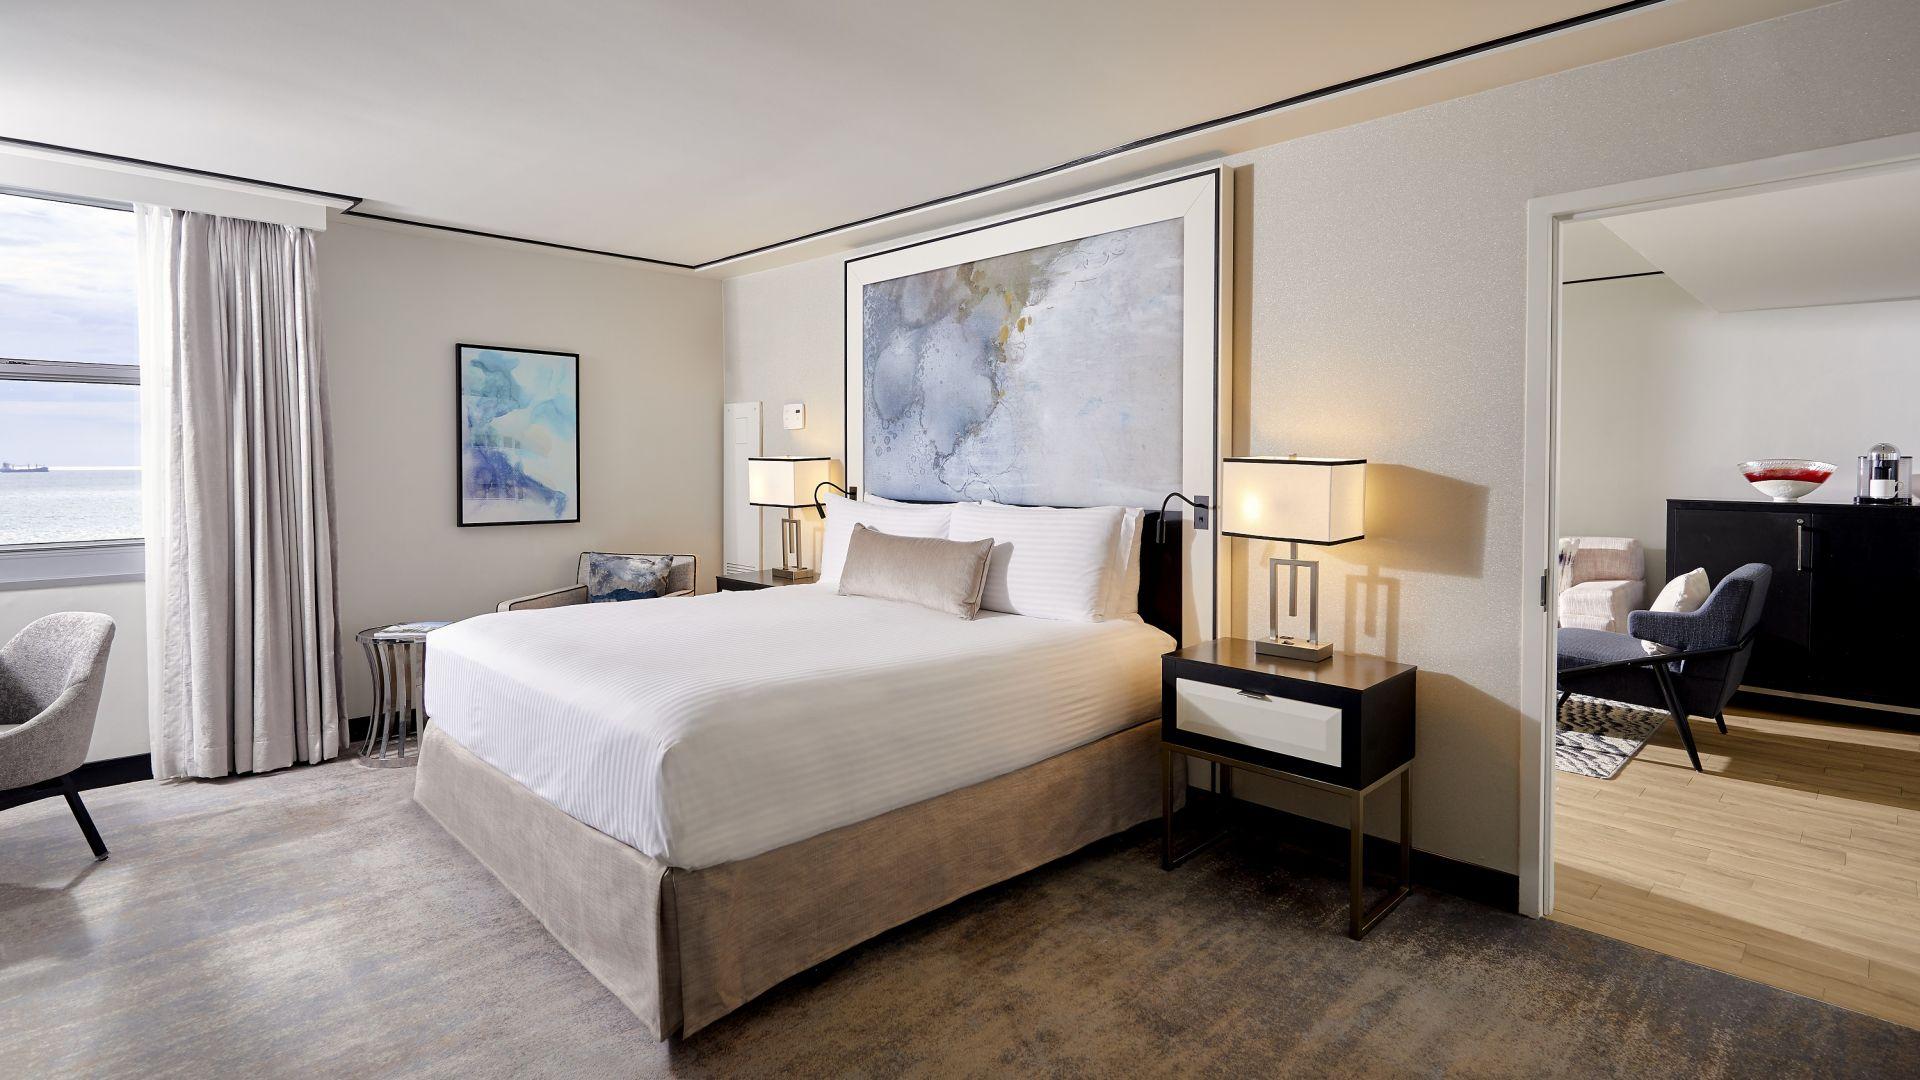 <strong>Angebot für eine Suite | Wenn Sie eine Suite buchen, erhalten Sie einen Rabatt von 125$ pro Tag</strong> | Um den Parkplatz müssen Sie sich keine Gedanken machen | Mehr erfahren